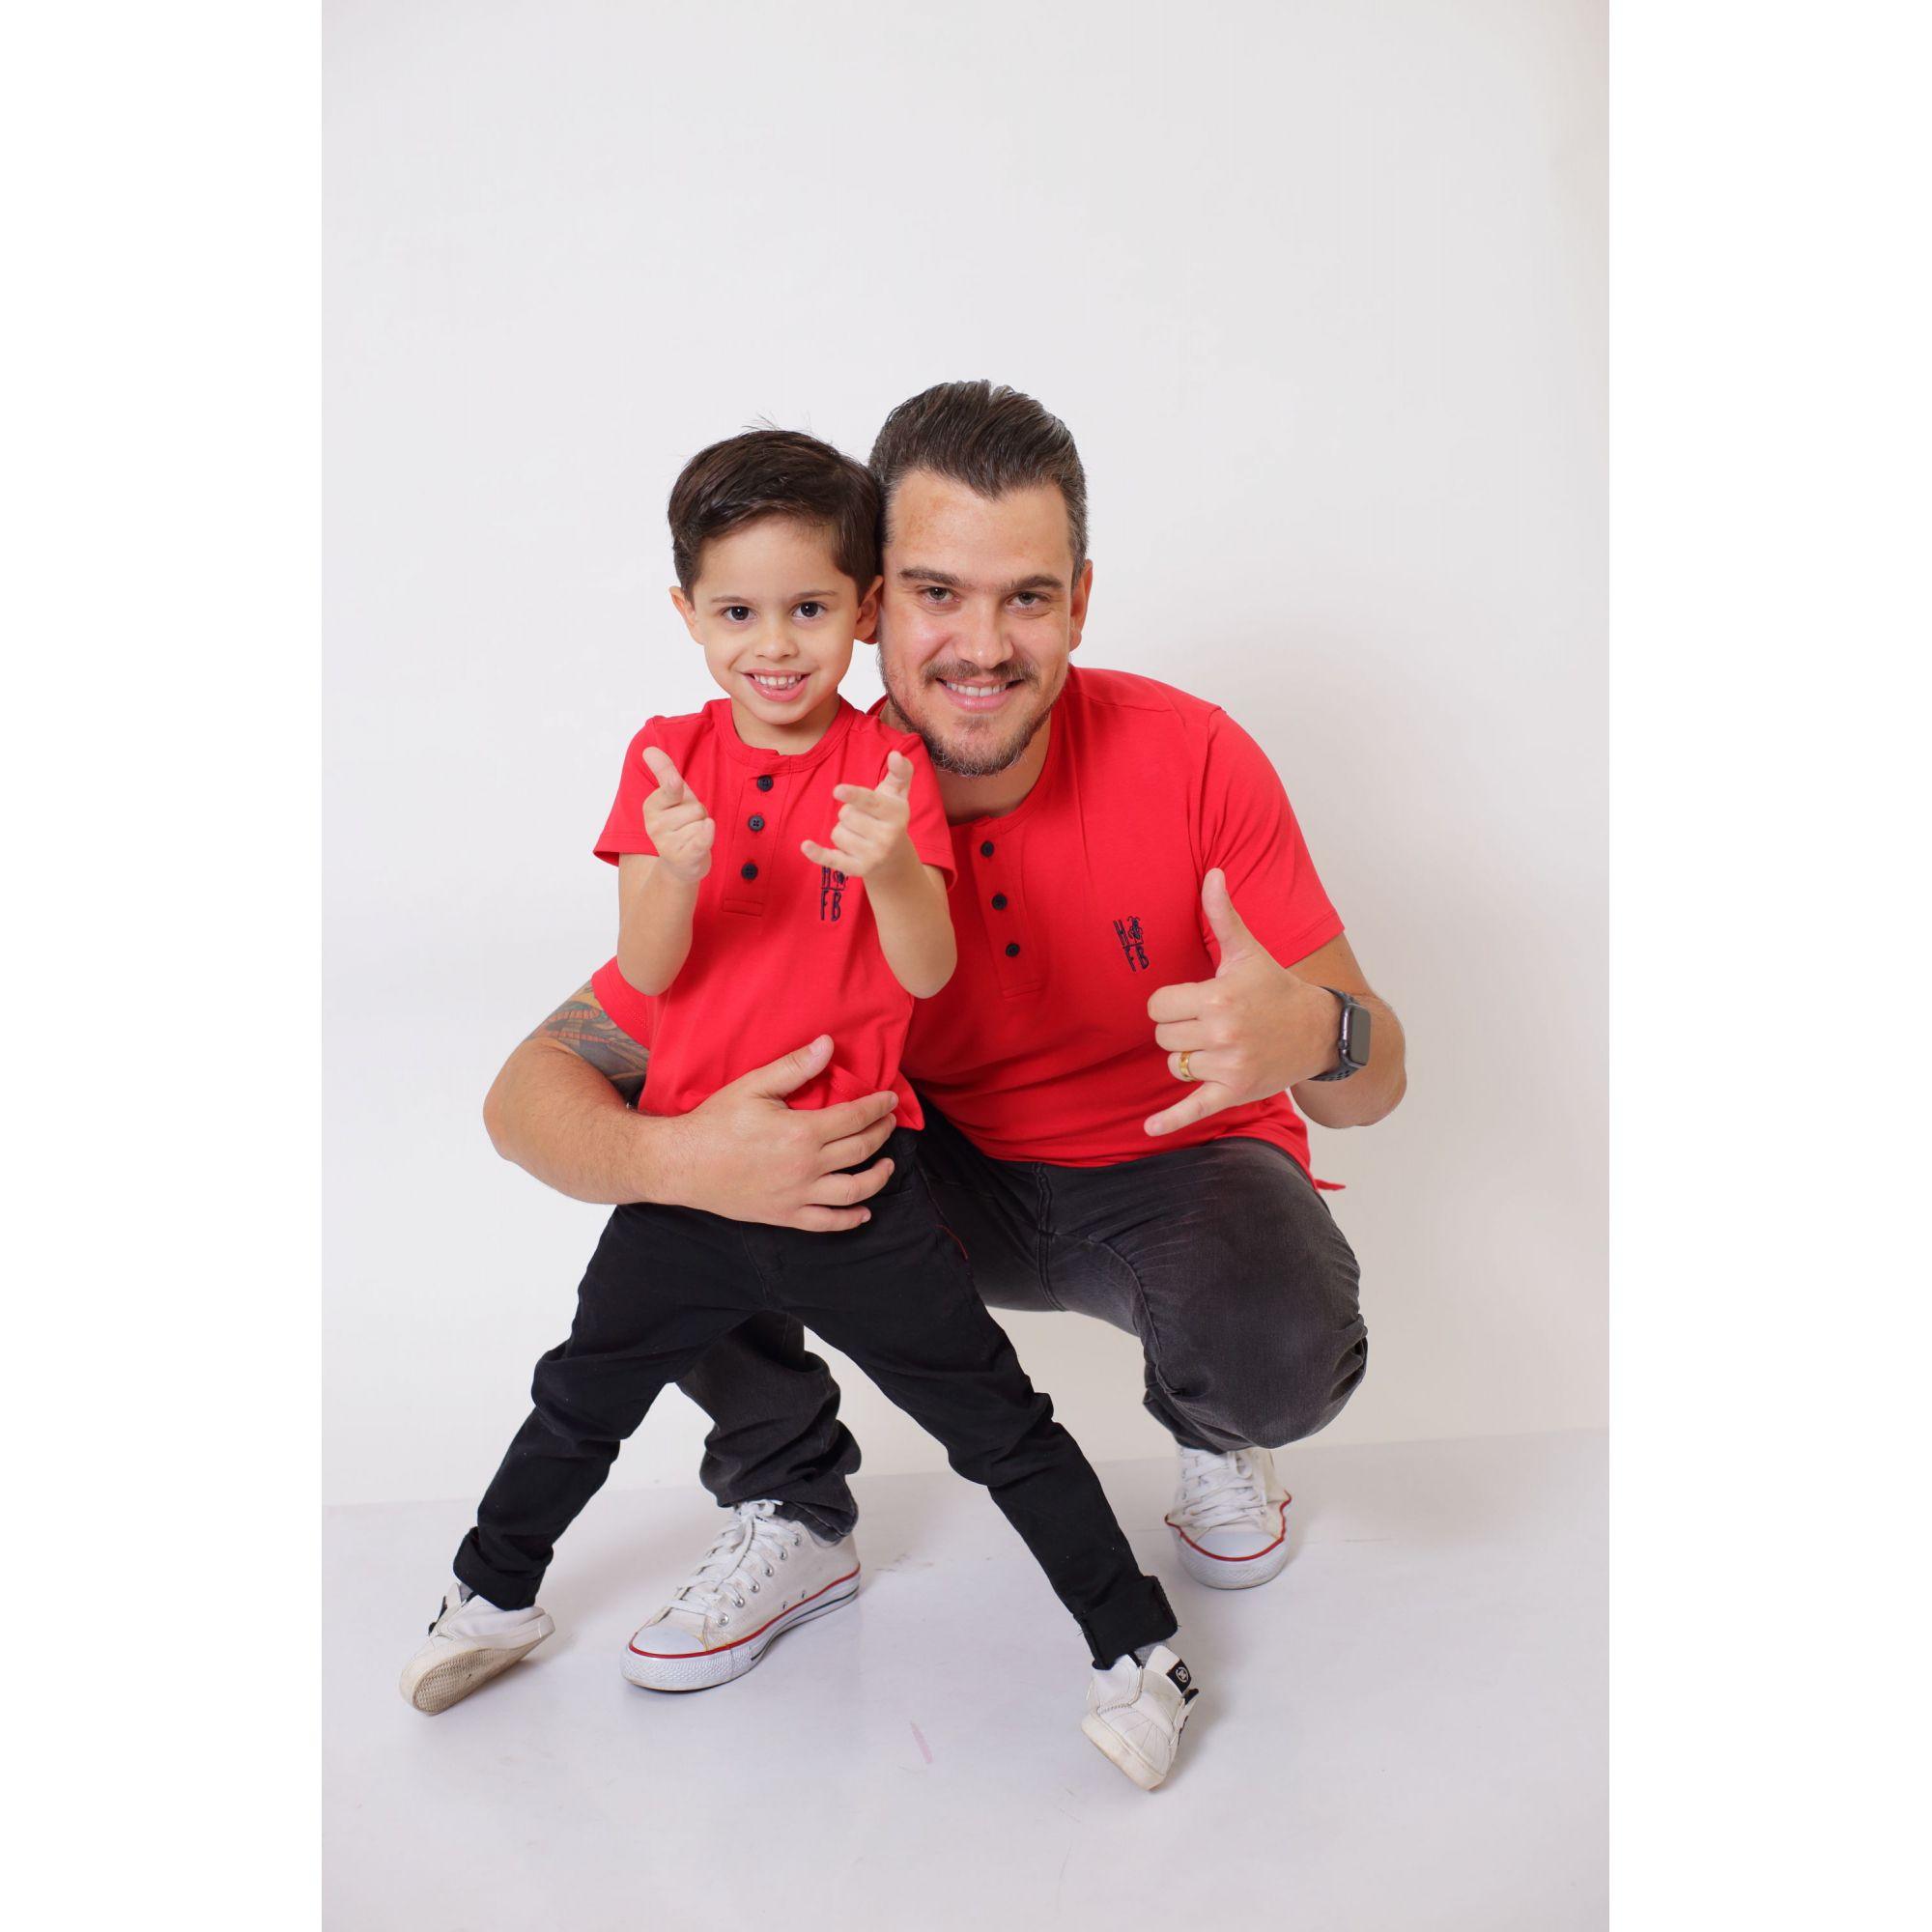 PAI E FILHO > T-Shirt Adulto  + T-Shirt ou Body Infantil - Henley - Vermelho  [Coleção Tal Pai Tal Filho]  - Heitor Fashion Brazil